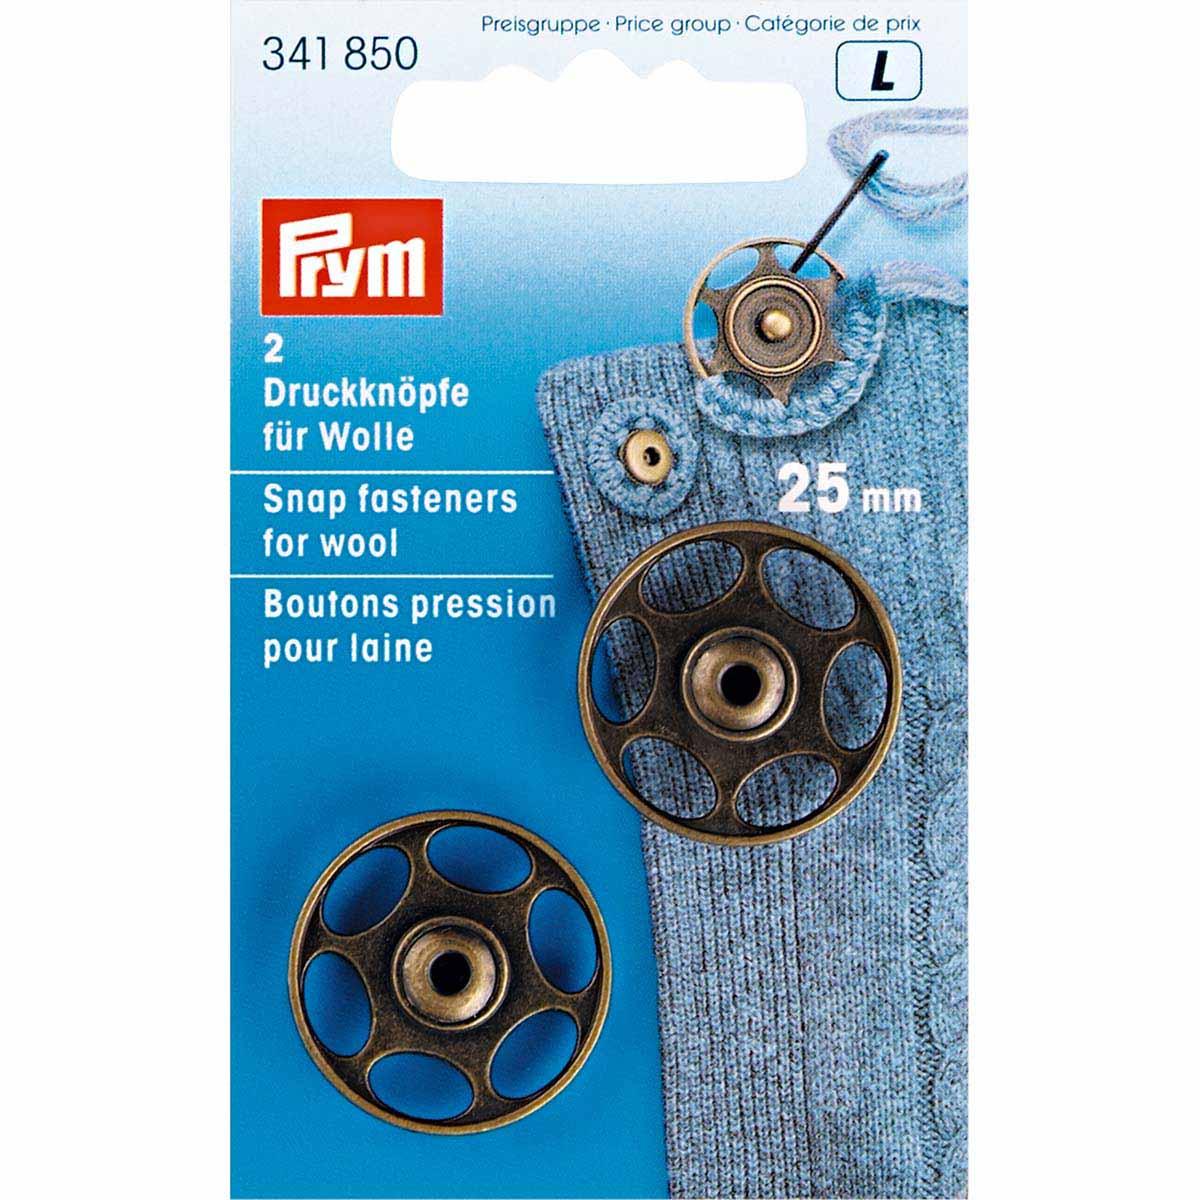 341850 Пришивная кнопка для шерсти, состаренная латунь, 25 мм, упак./2 шт., Prym